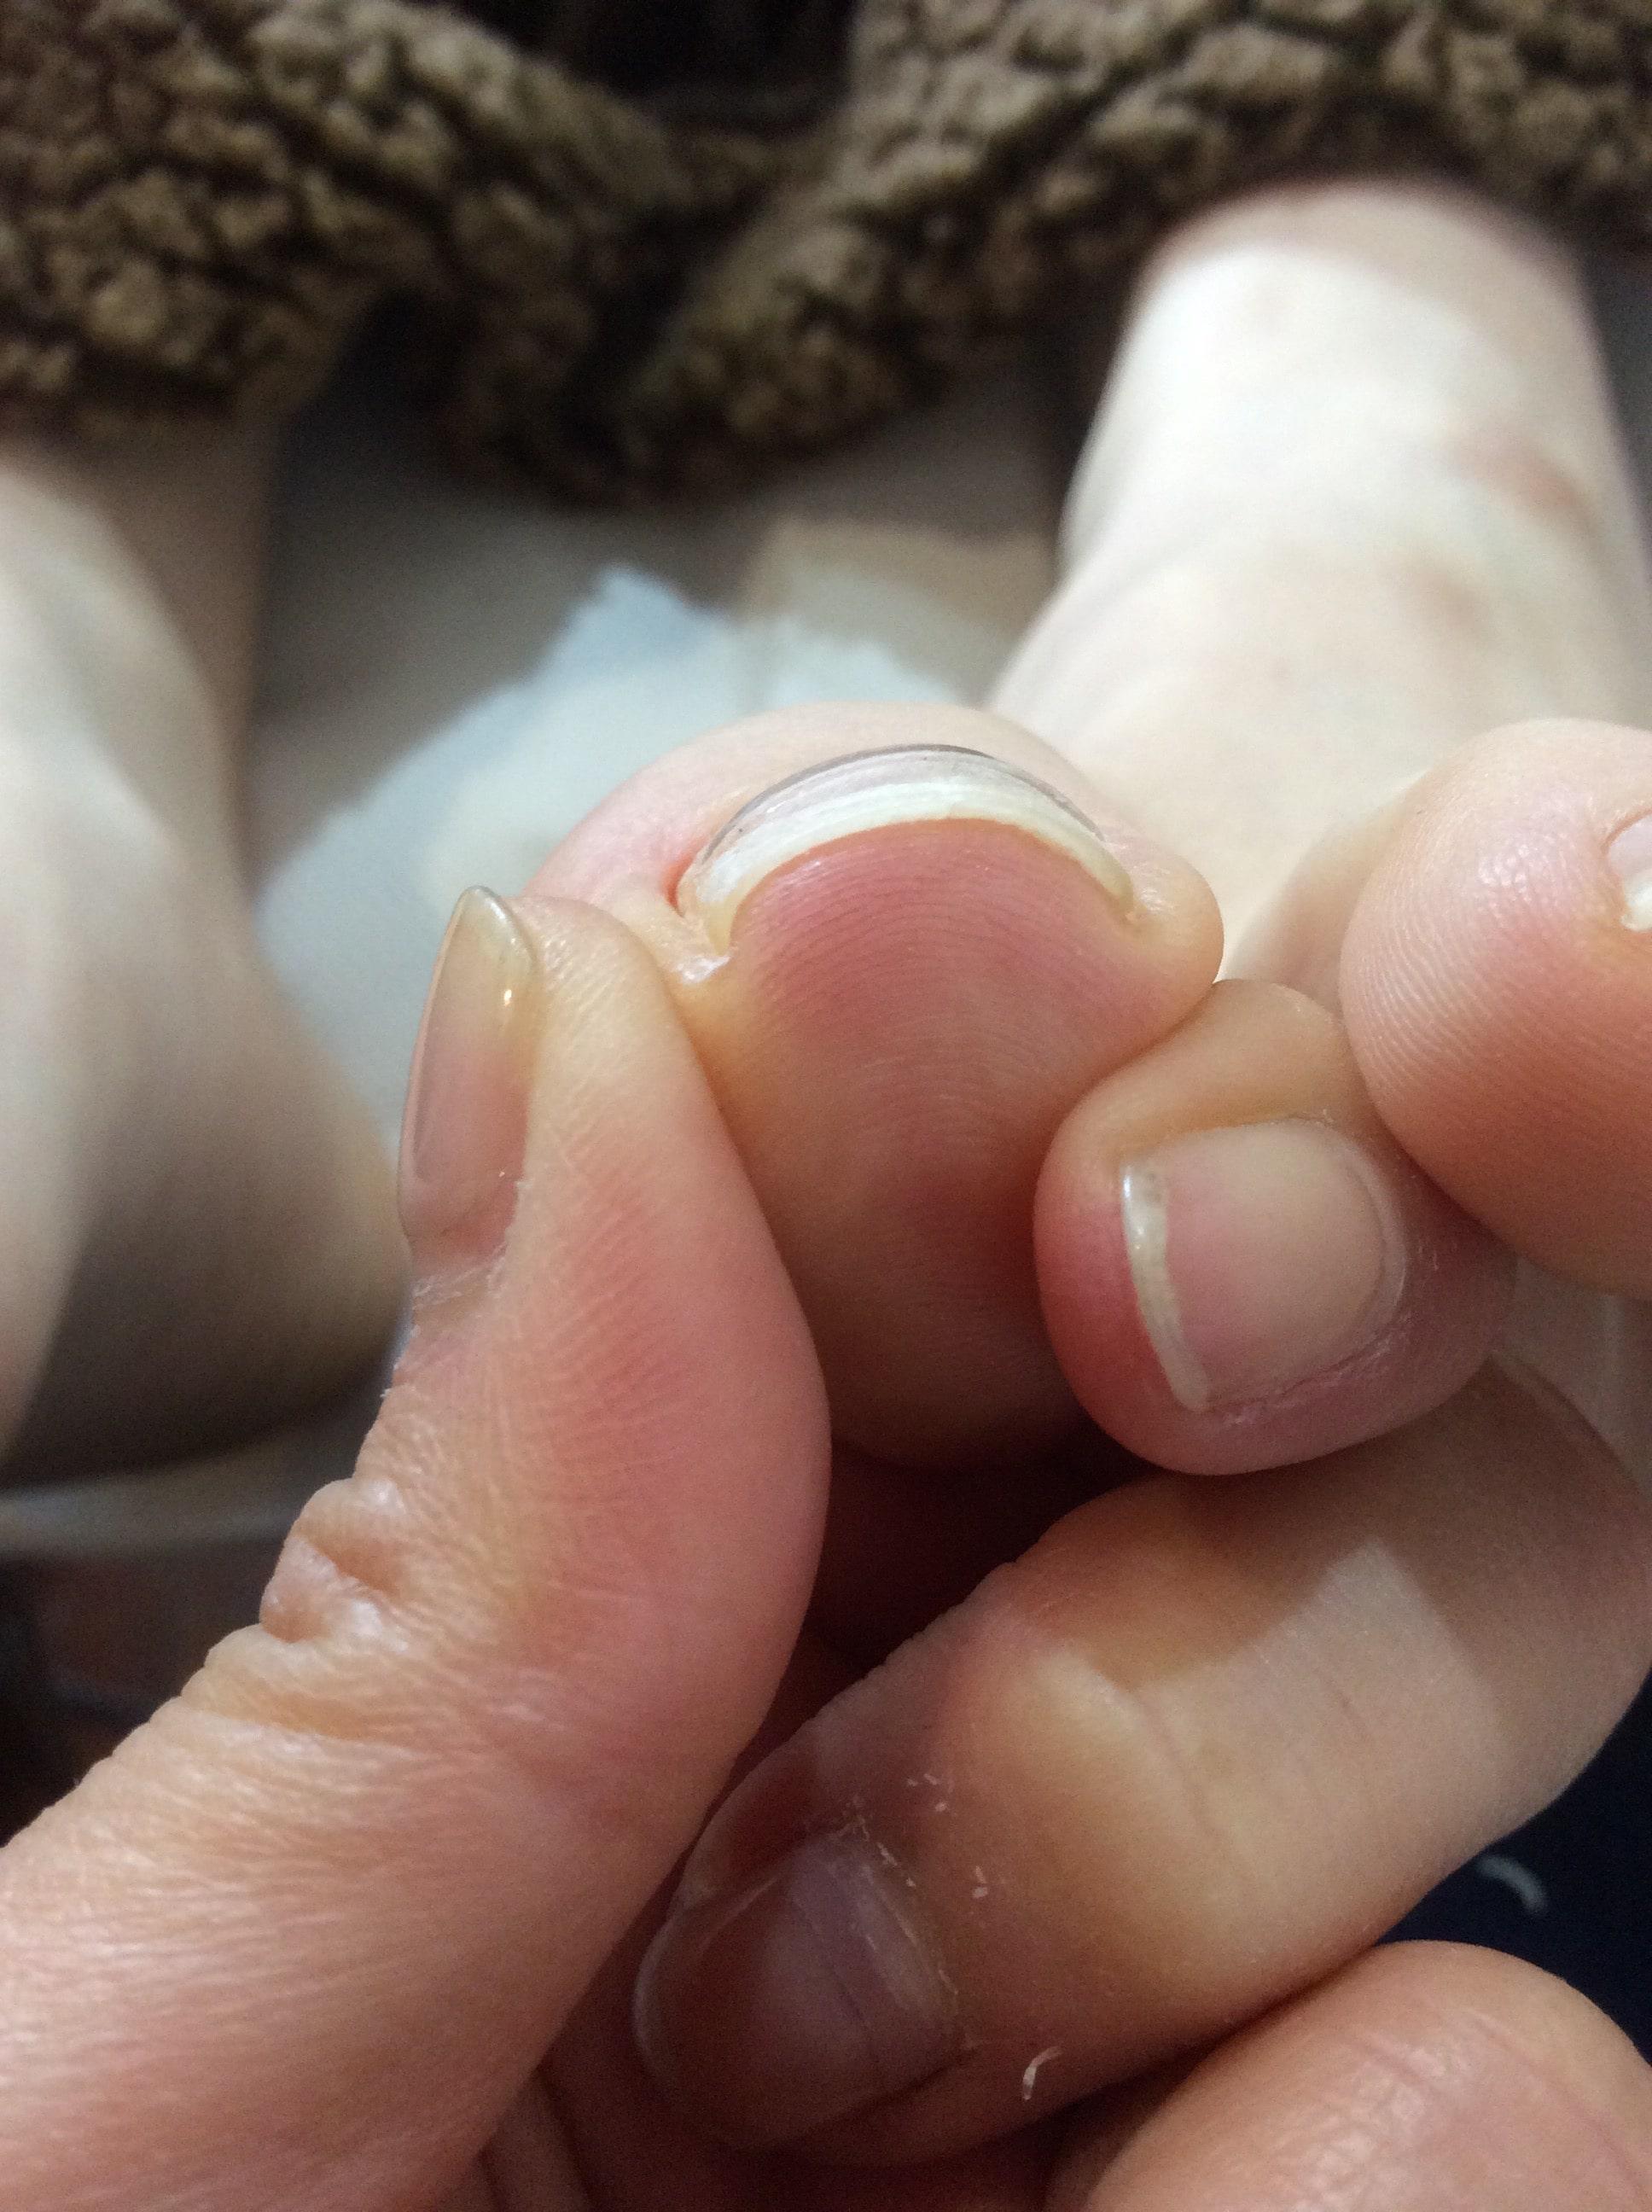 【秦野】親指の爪が巻いていないのに痛い!最初にやるべきことは